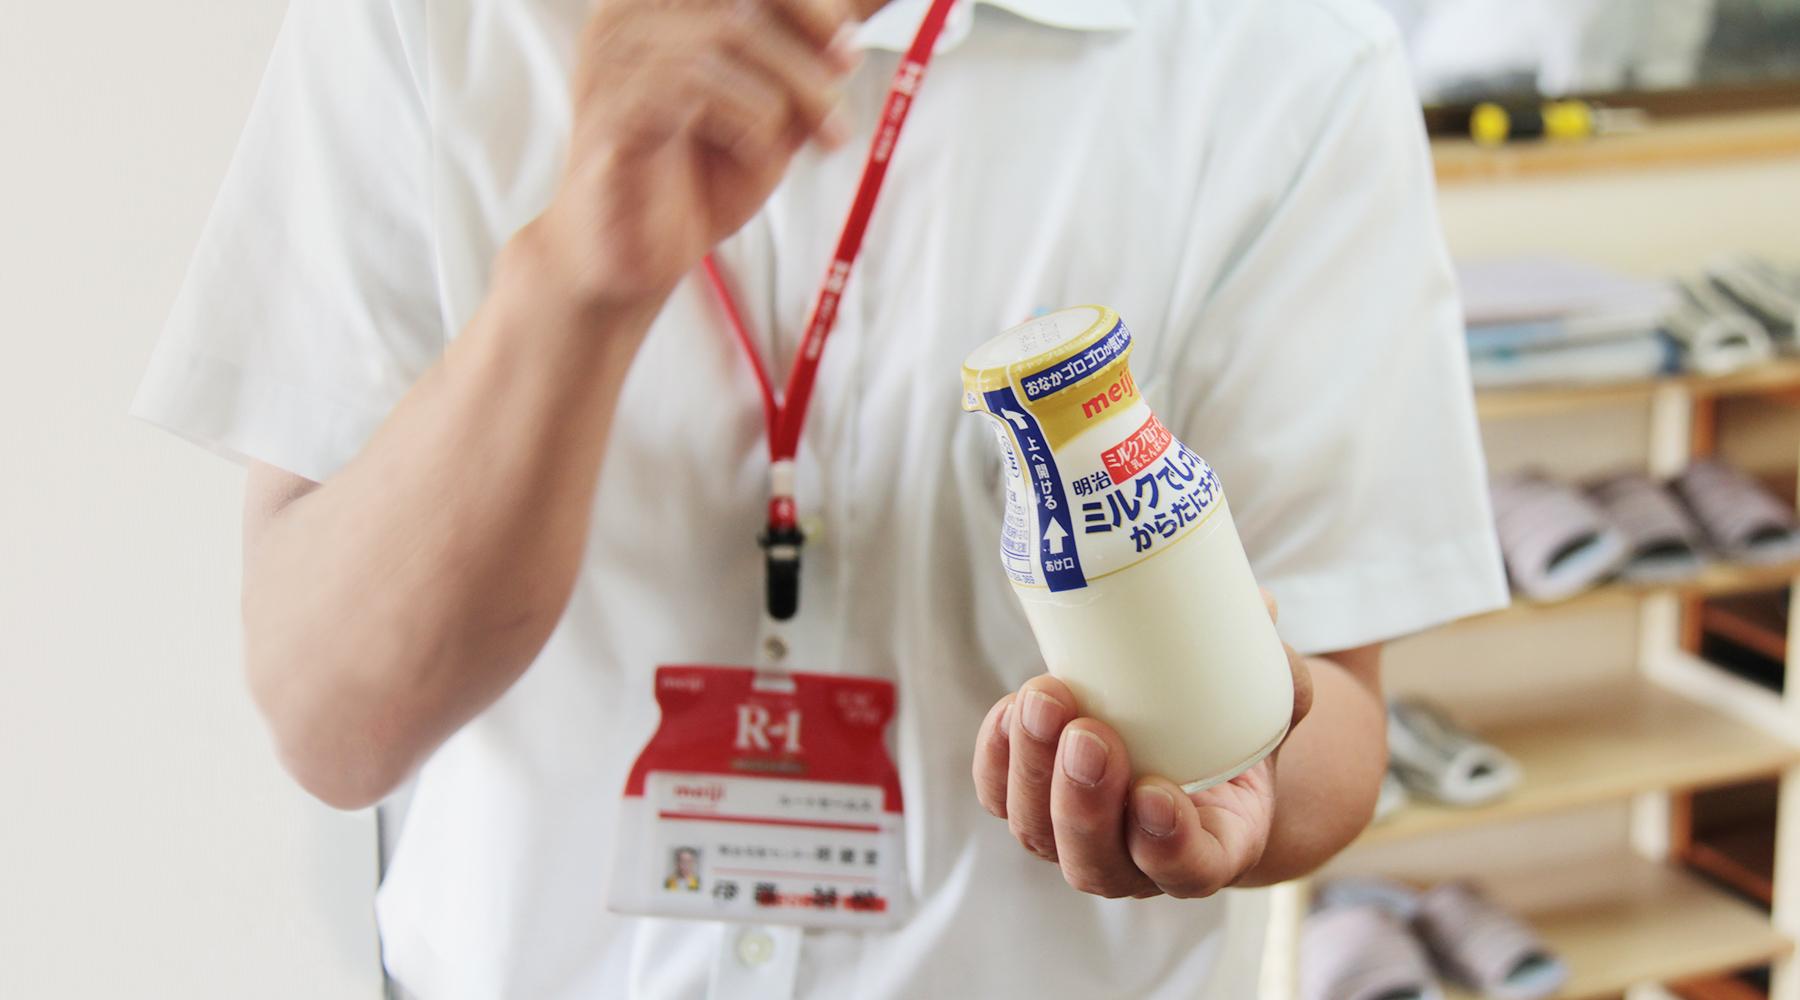 牛乳・ヨーグルト・栄養ドリンクなど、1本からお届けしています